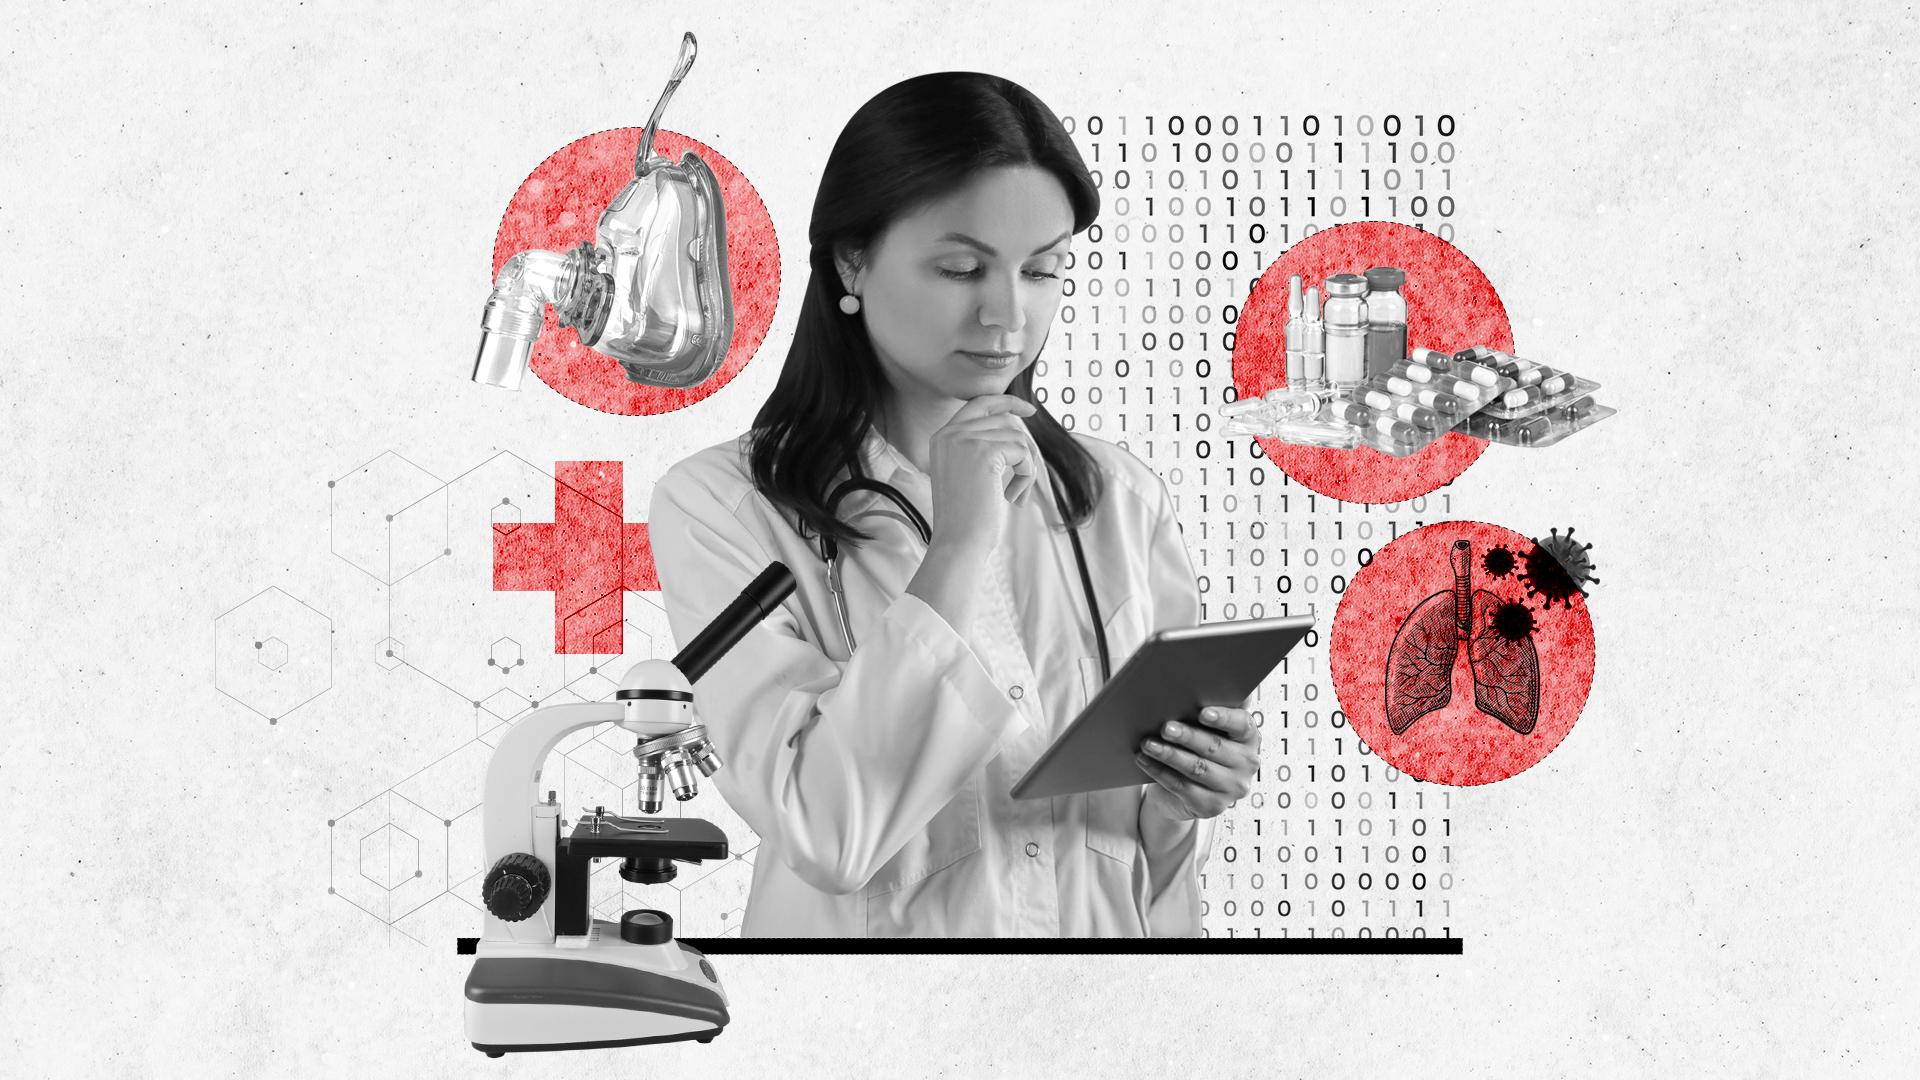 Cómo el análisis de big data predijo la cantidad de pacientes de COVID-19 en una terapia intensiva